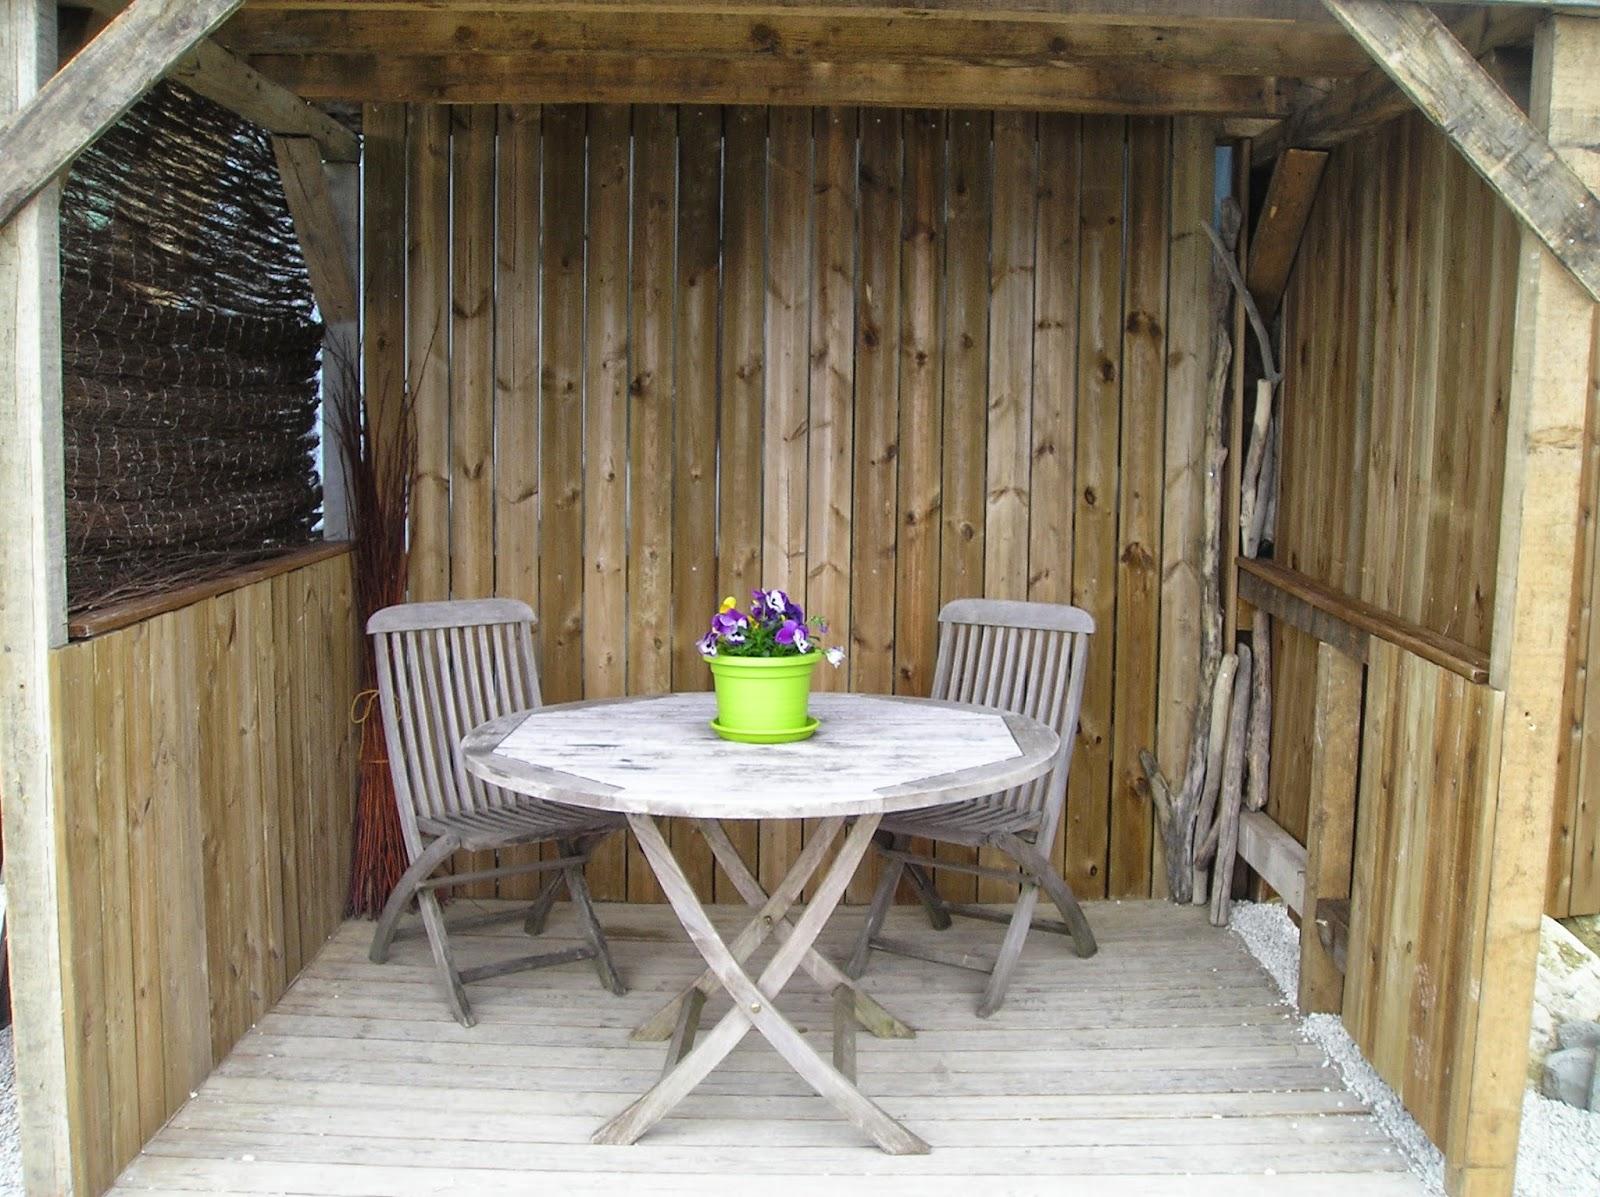 chambres d h tes et g te les balcons de la cochette lac d annecy. Black Bedroom Furniture Sets. Home Design Ideas